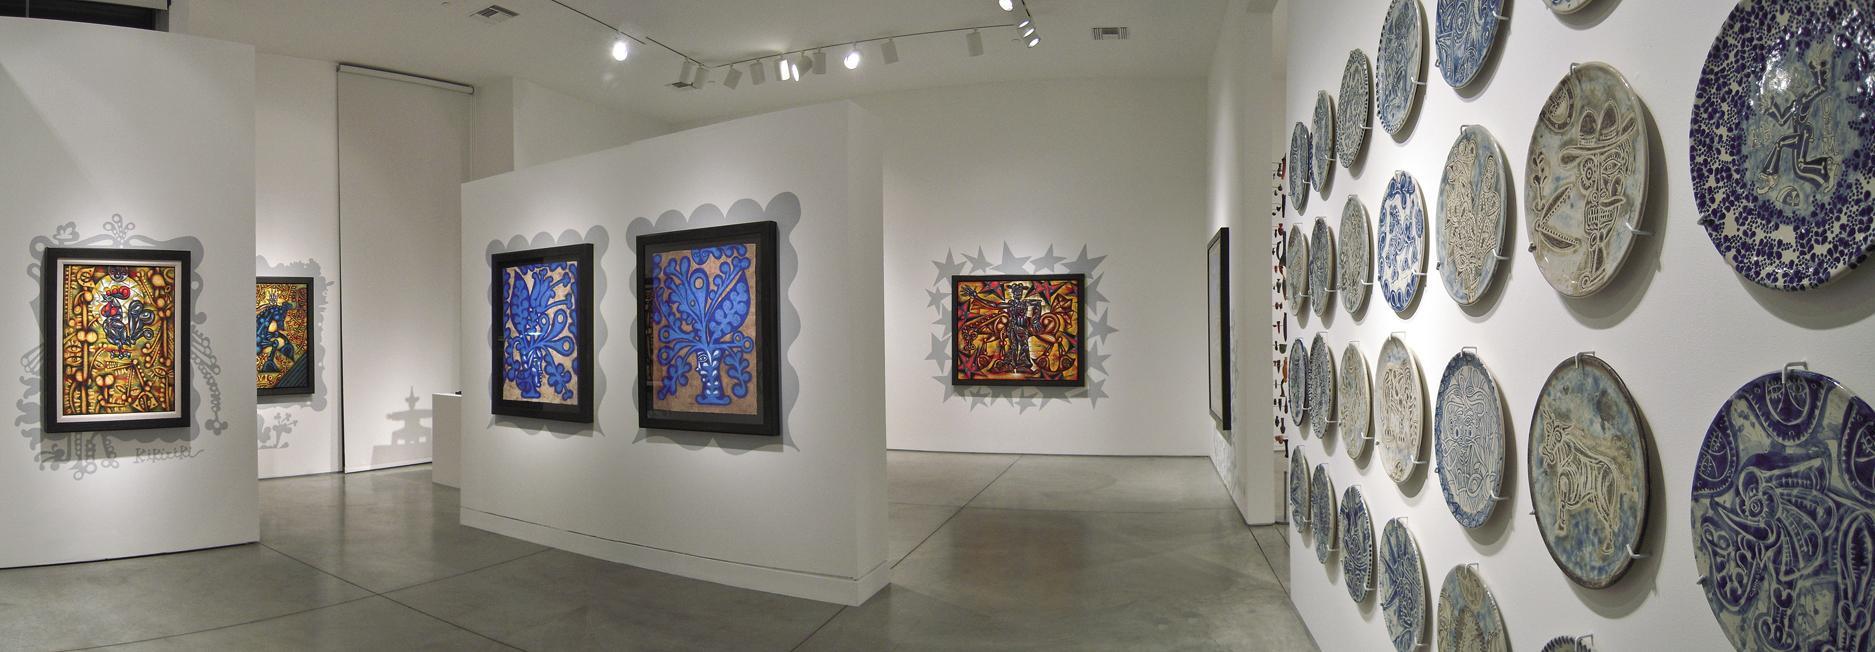 Carlos Luna: Los Decorados; Heather James Fine Art, Palm Desert, CA, 2011